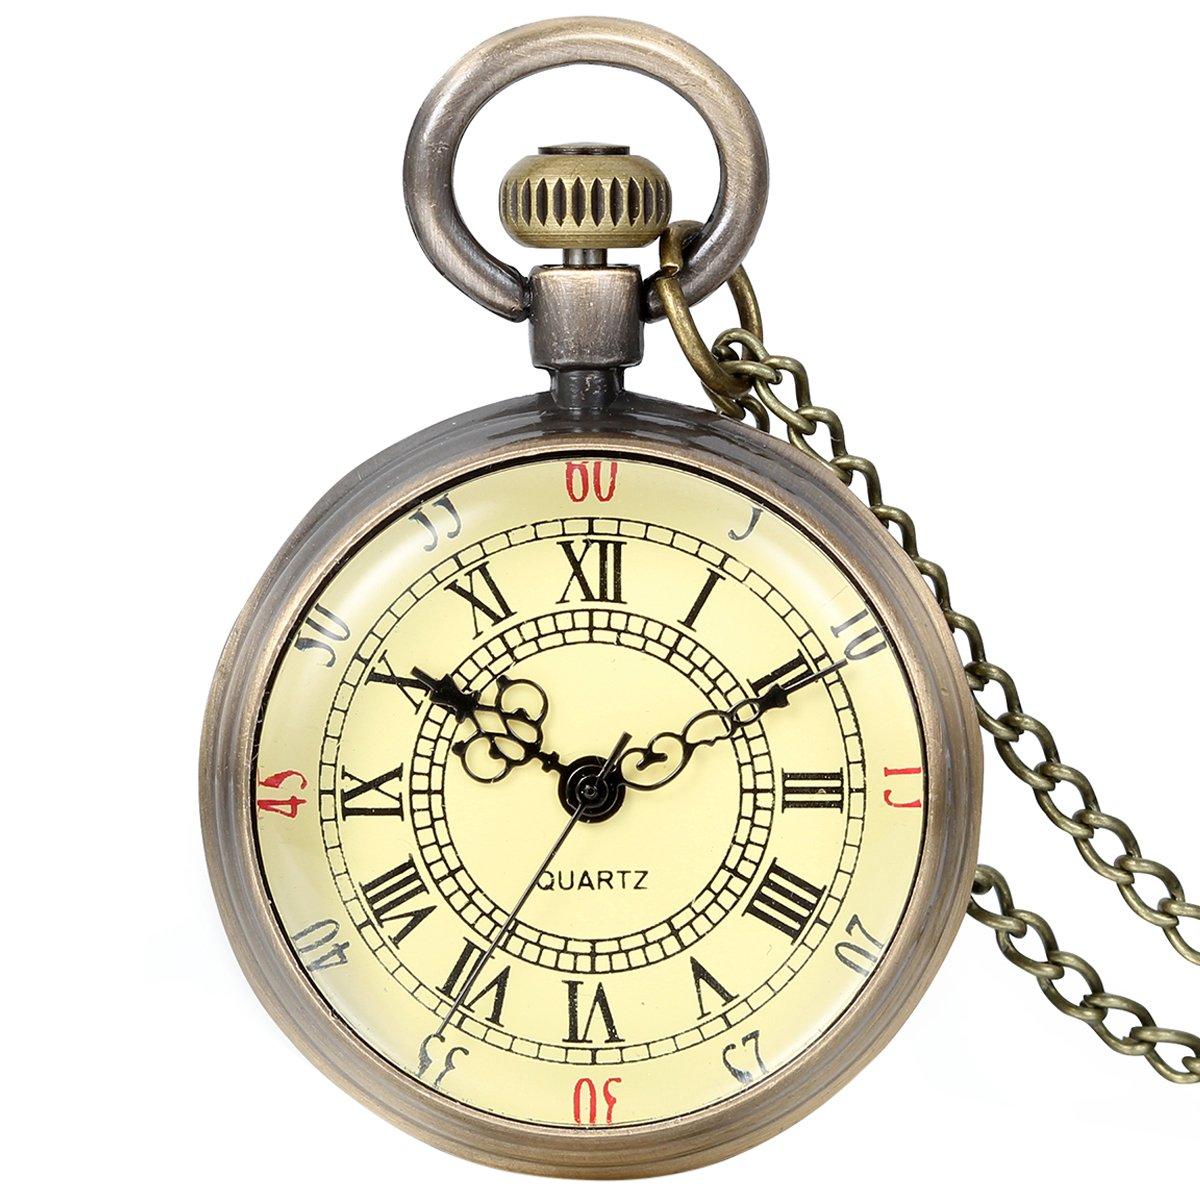 JewelryWe Retro Pocket Watch Vintage Roman Numerals Dial Quartz Transparent Glass Lid Pocket Watch Classic Necklace Pendant